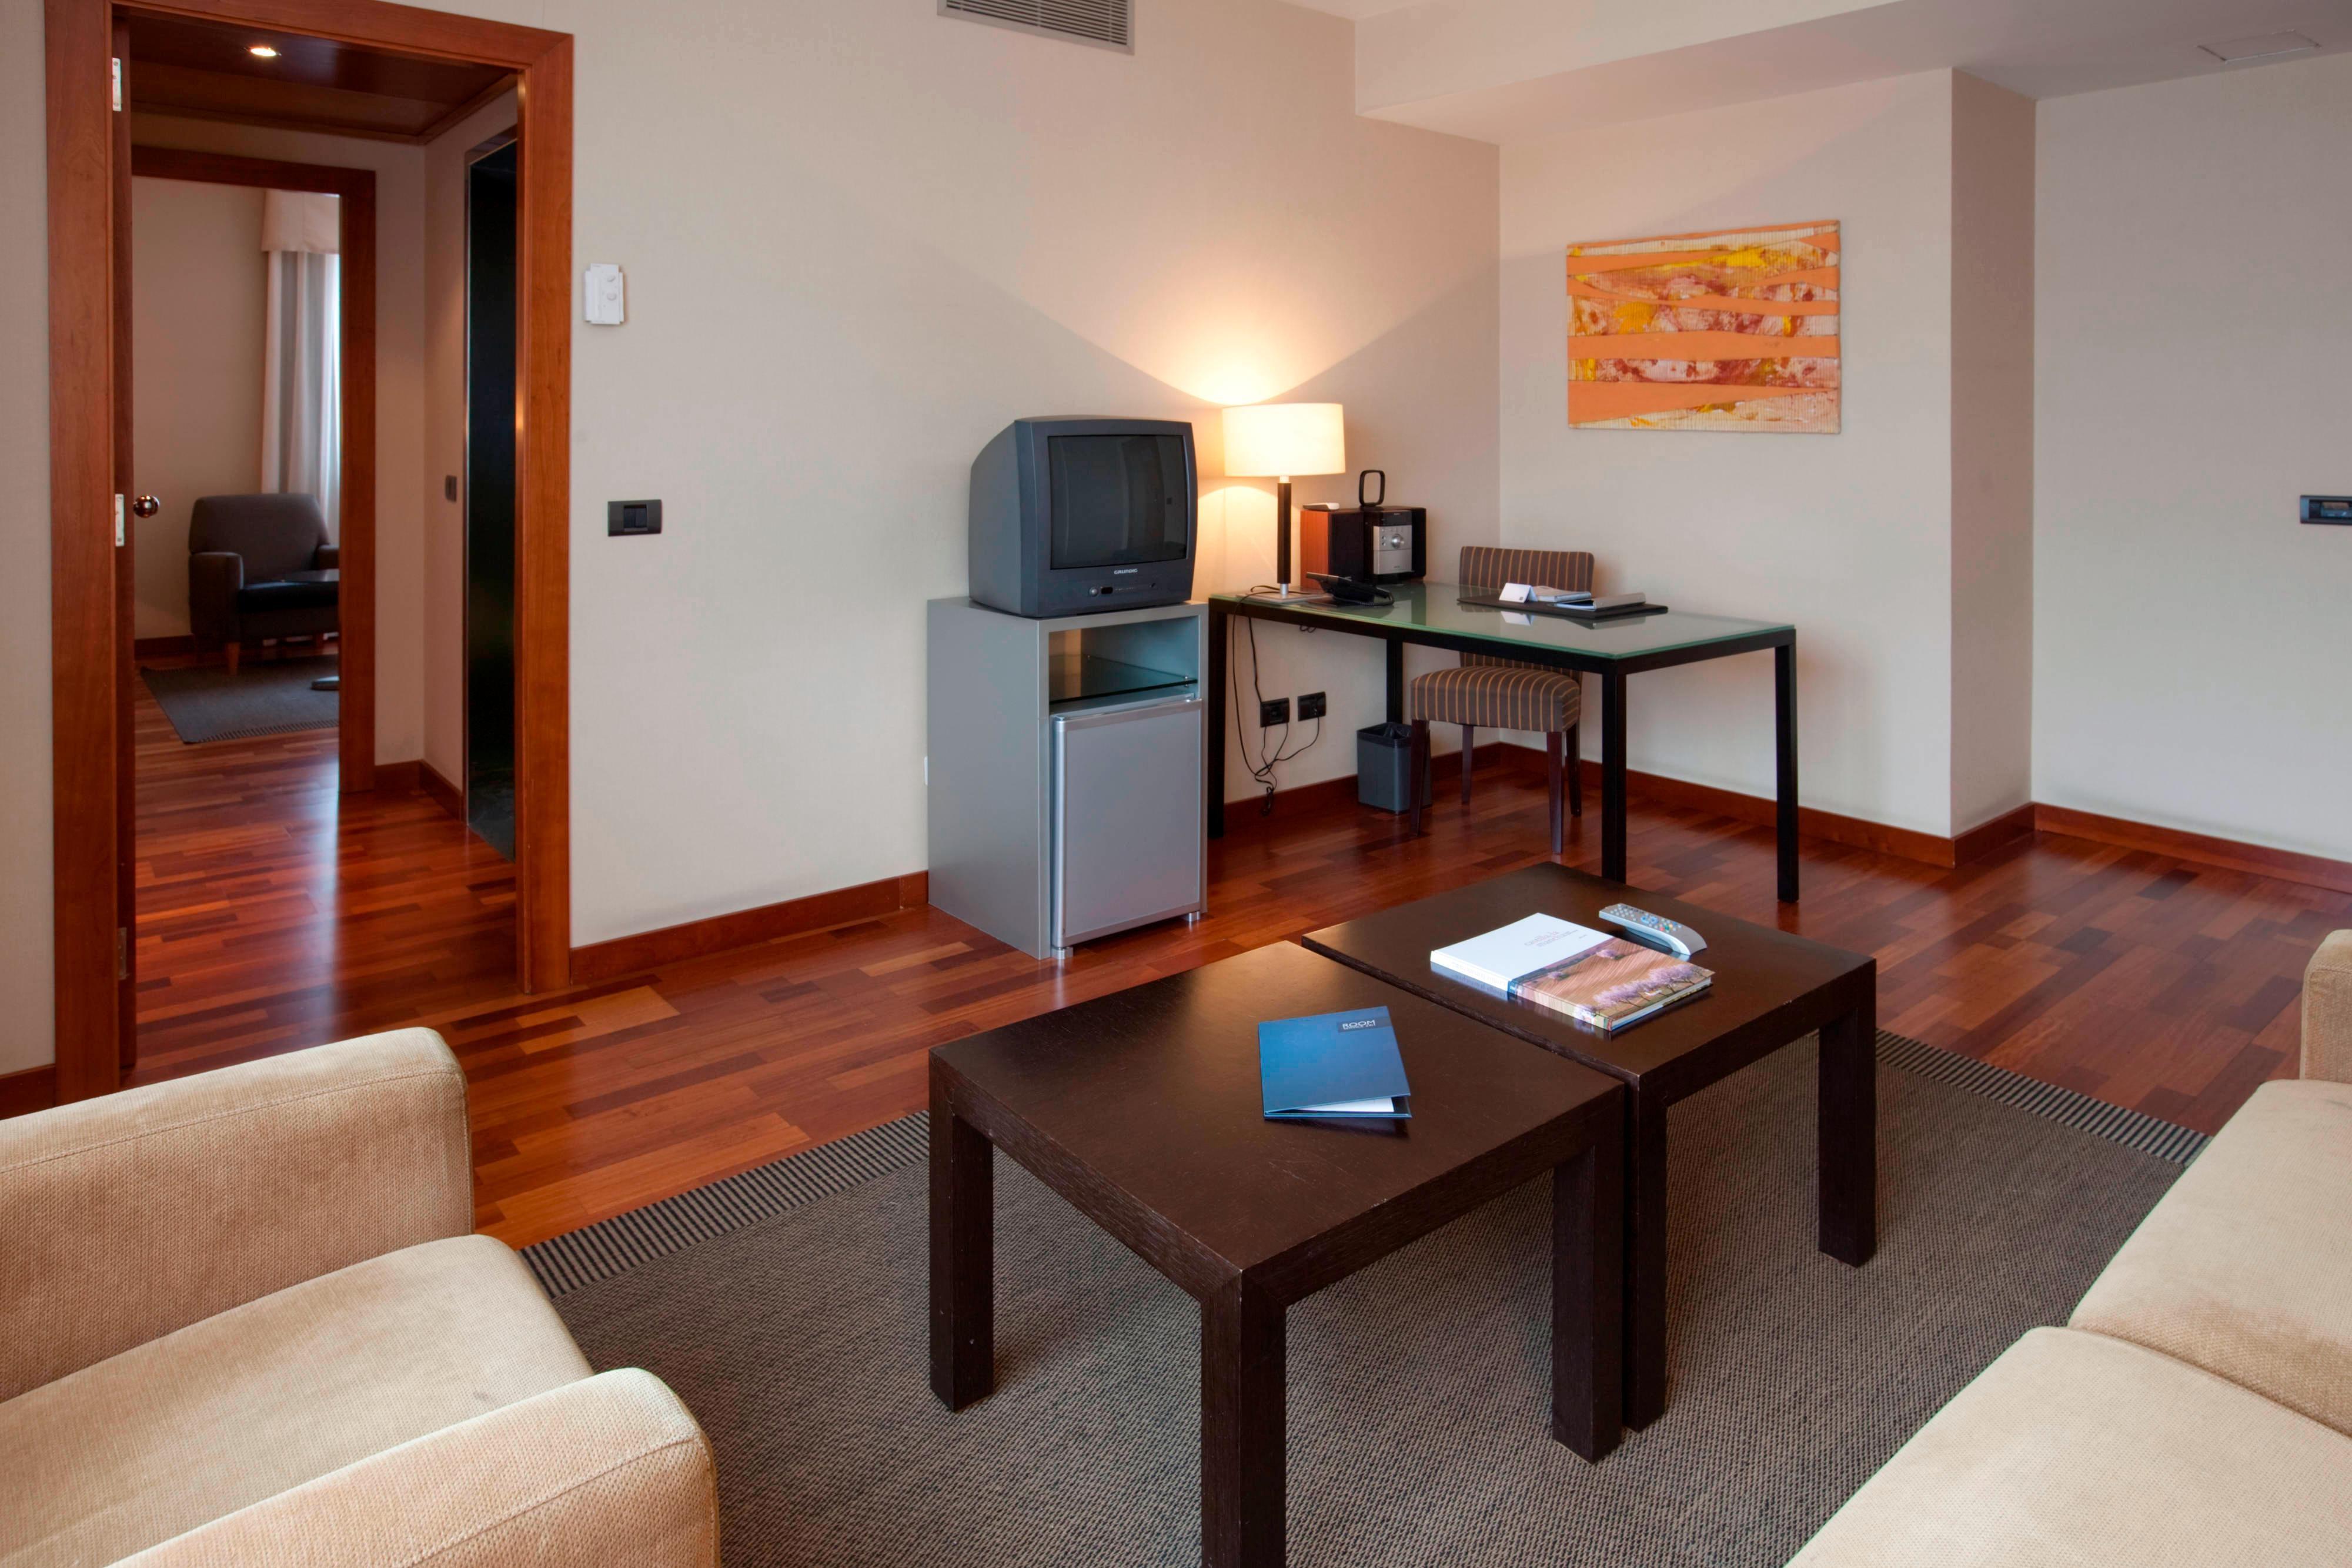 Habitación del hotel en Guadalajara